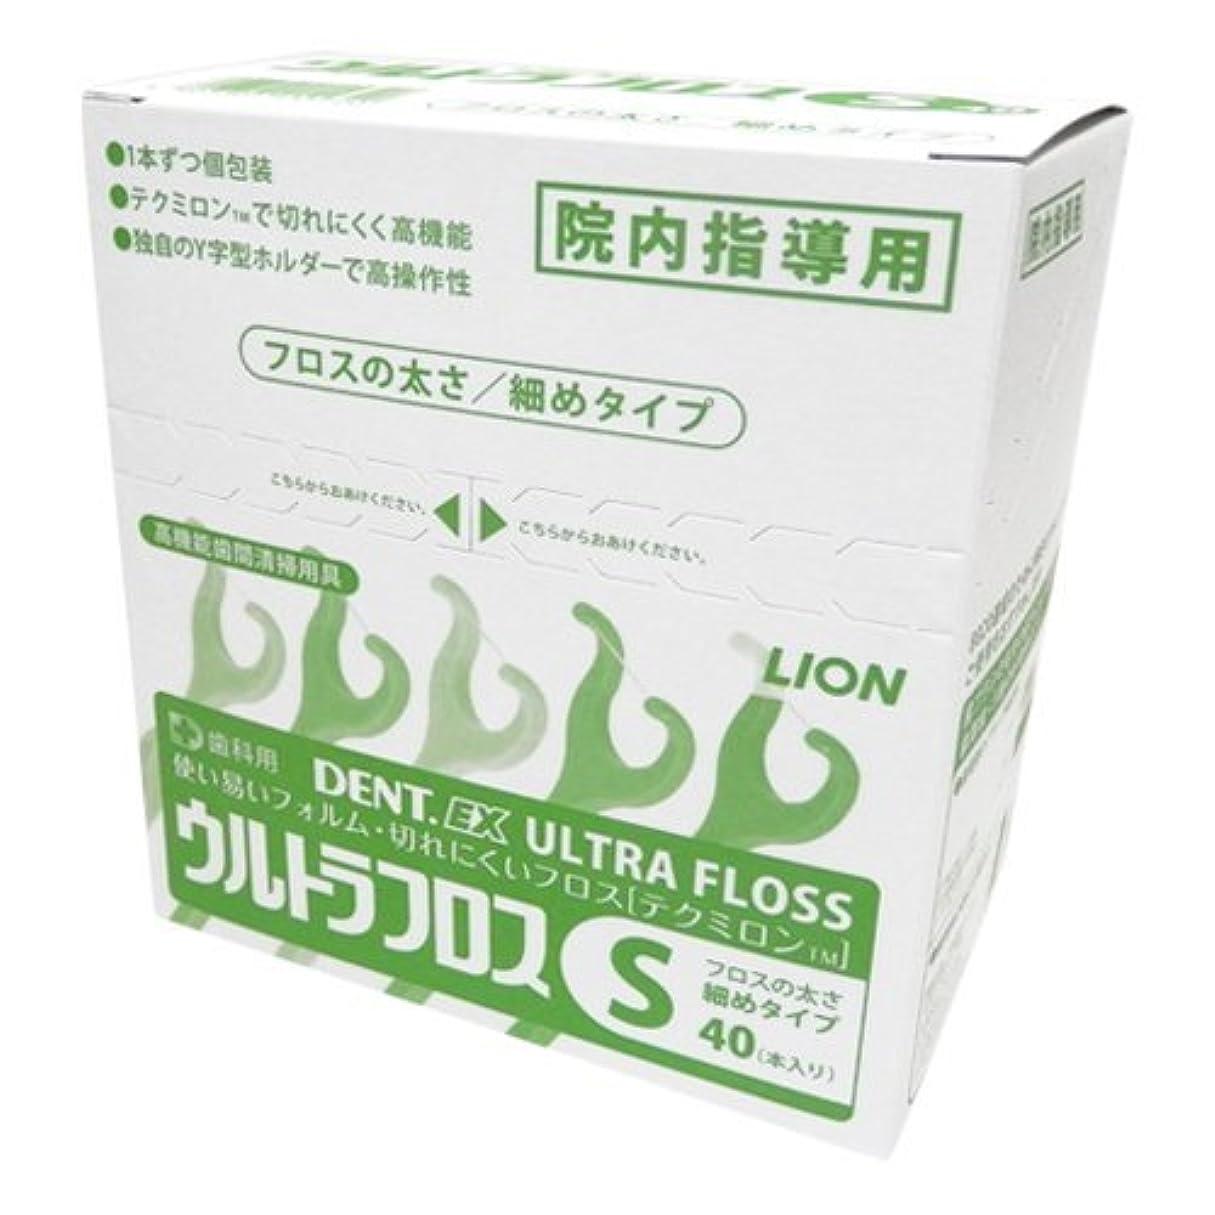 ささいな夕食を食べる擬人ライオン DENT . EX ウルトラフロス 40本入 S